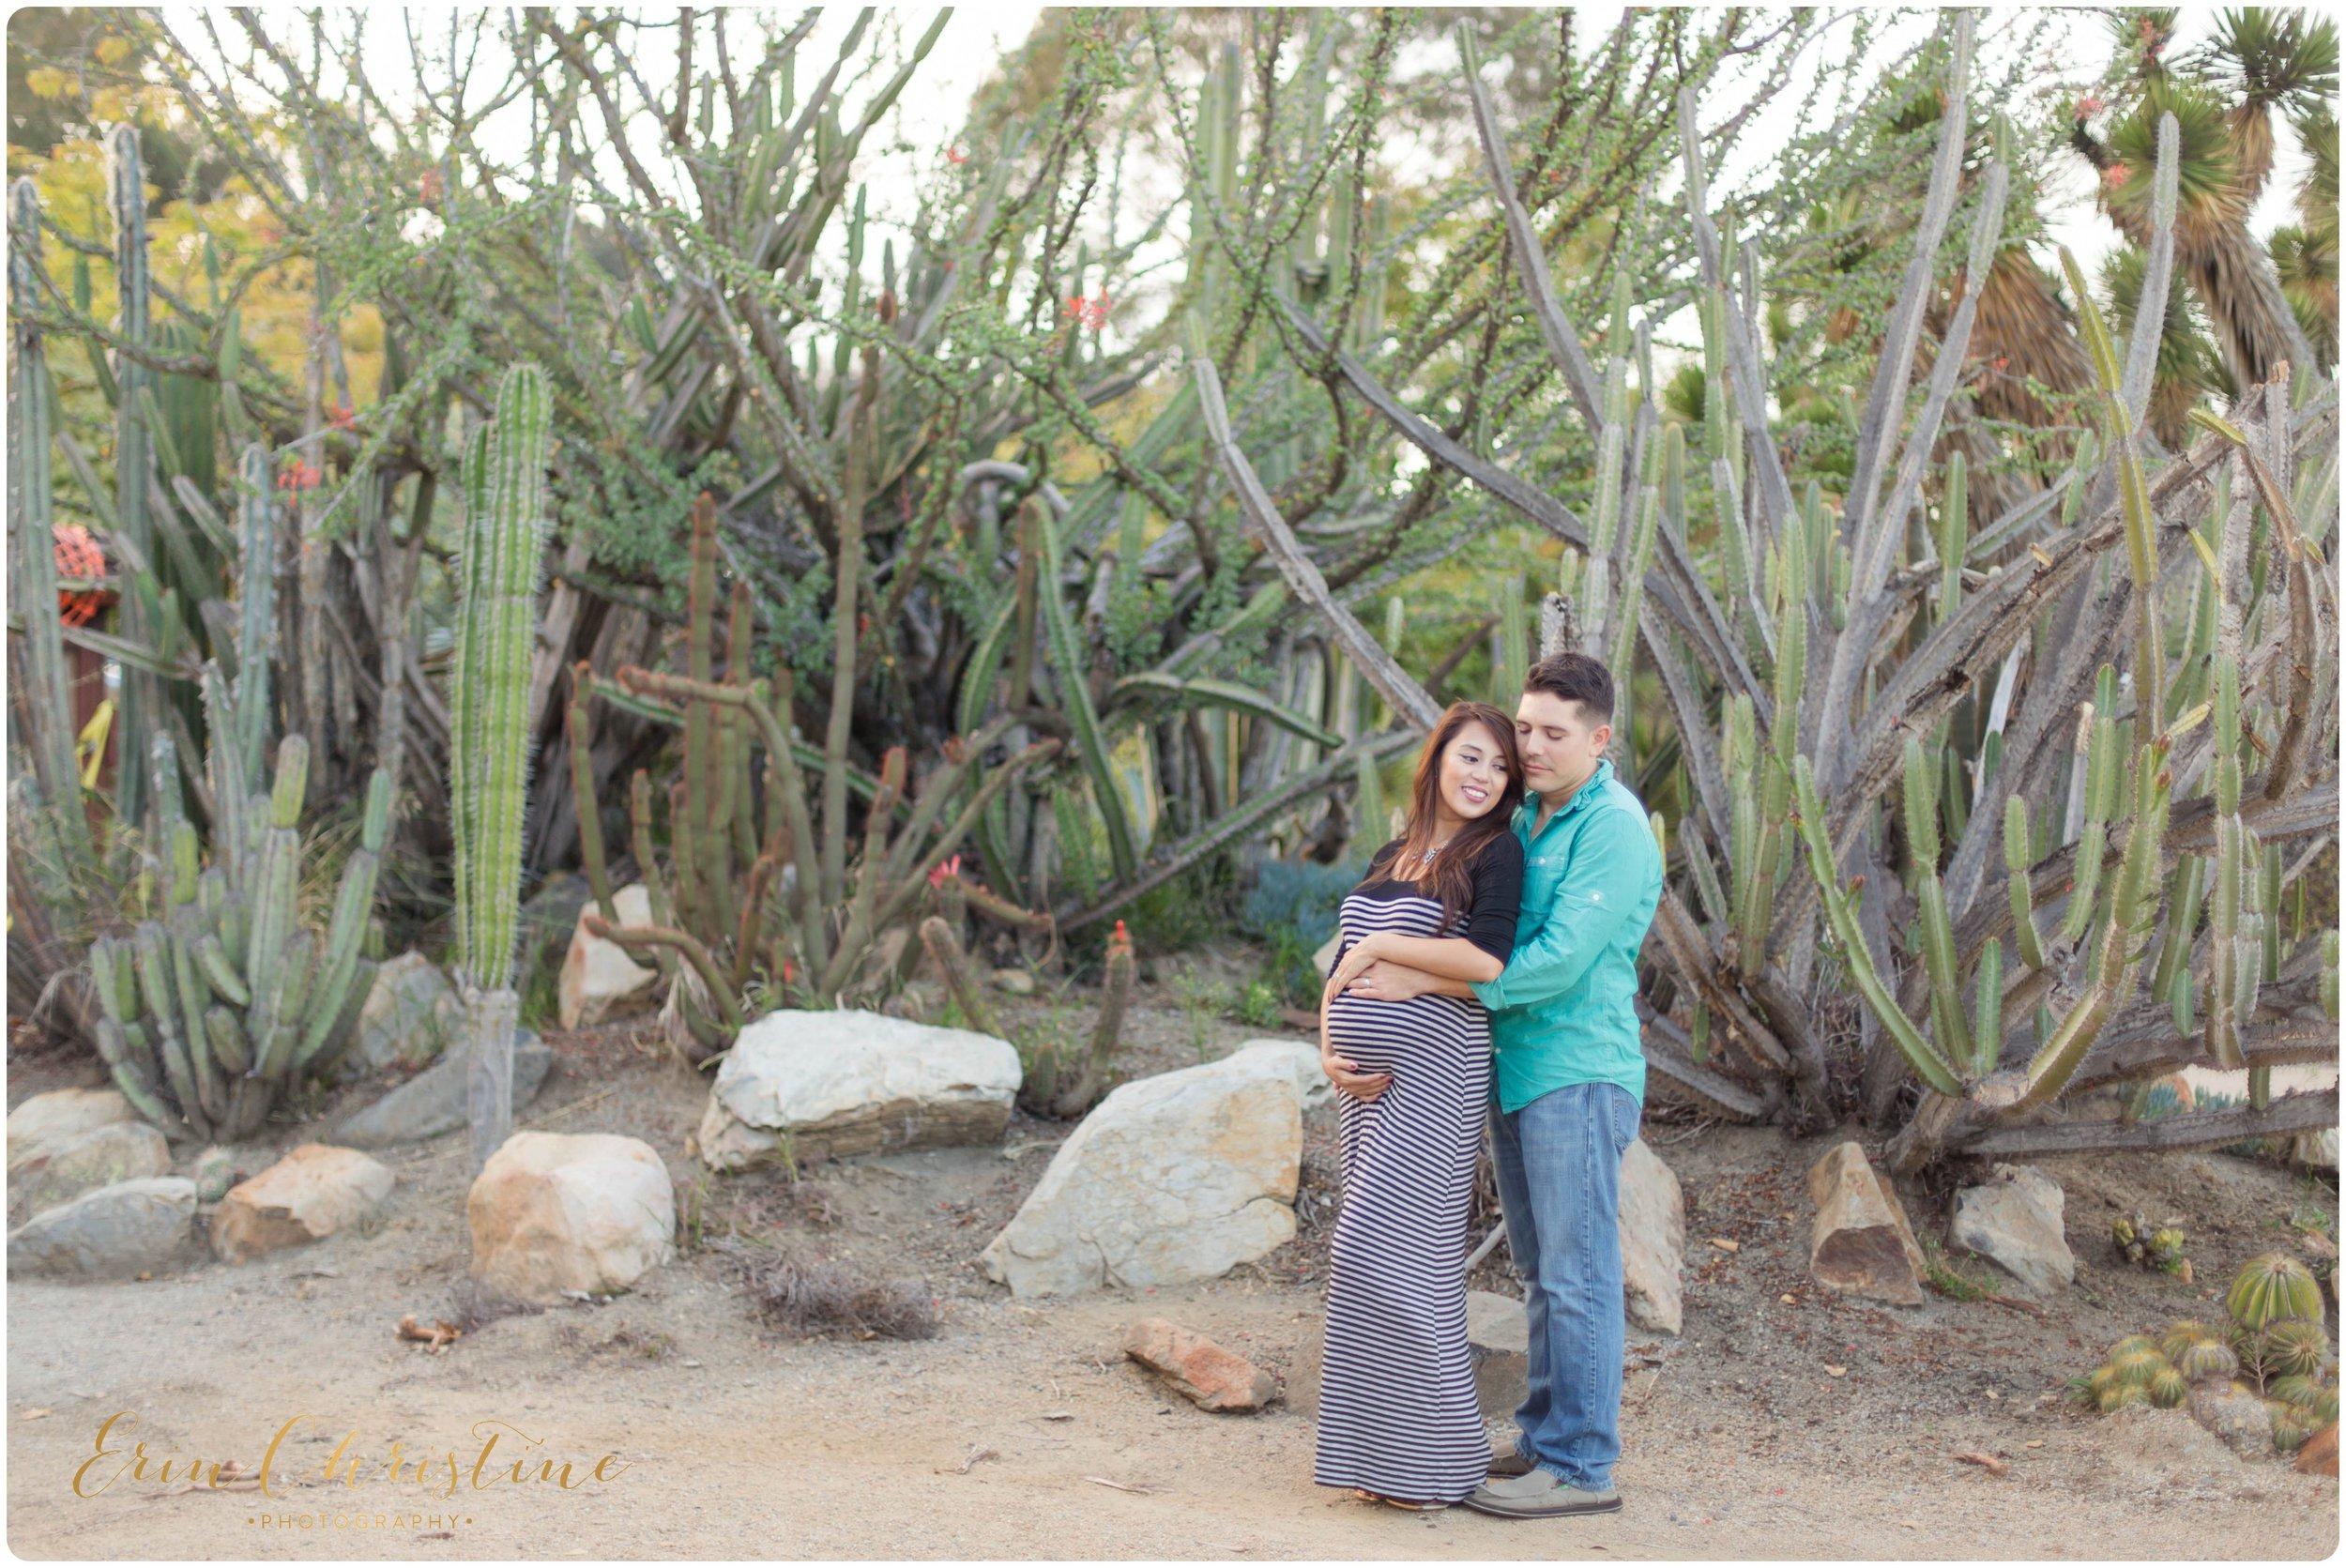 bc1a5fe7aaaa8 San Diego Maternity Photographer